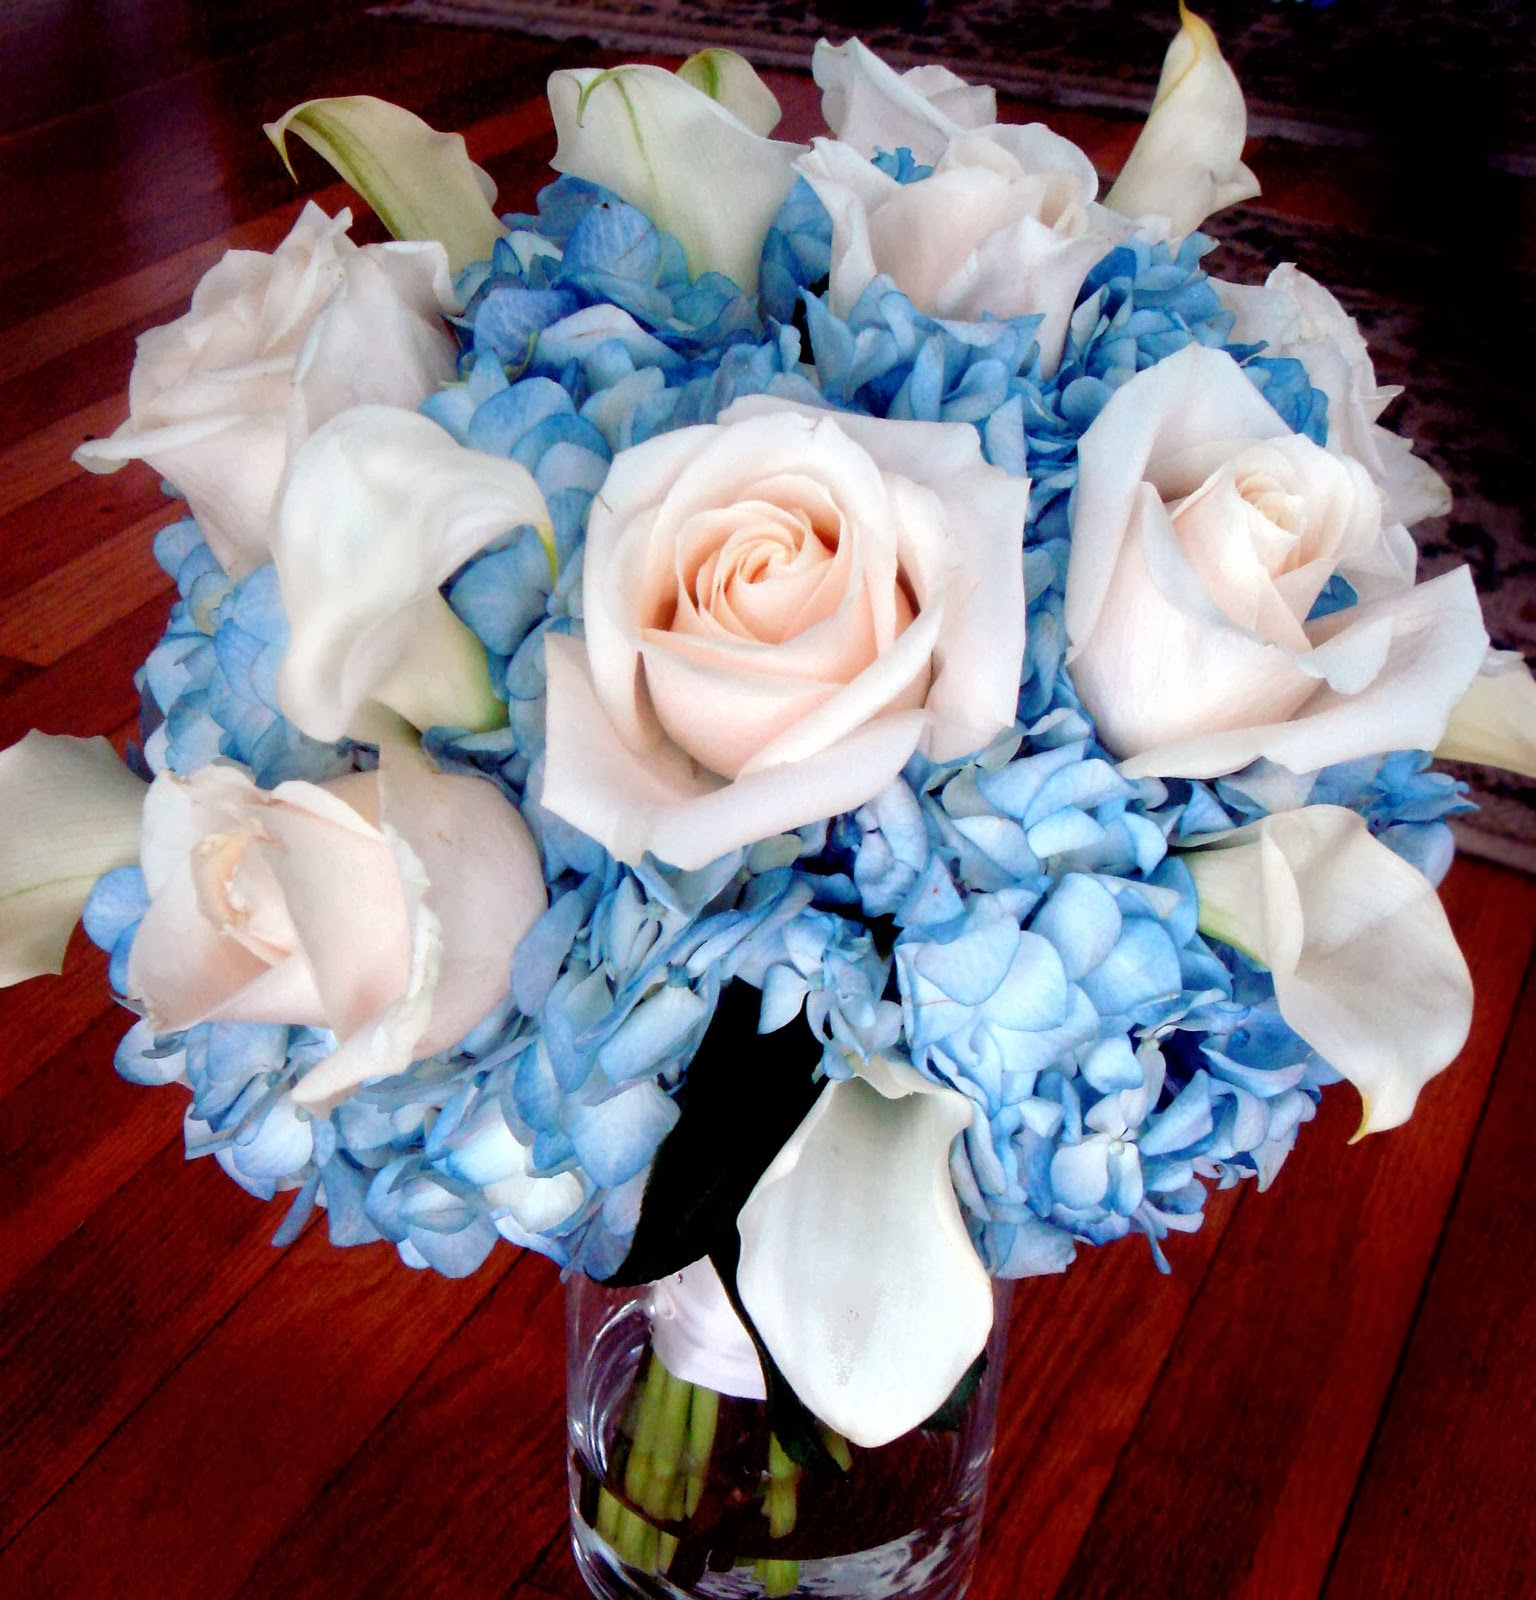 7 kwiat w niebieskie kwiaty w bukiecie lubnym trendy. Black Bedroom Furniture Sets. Home Design Ideas